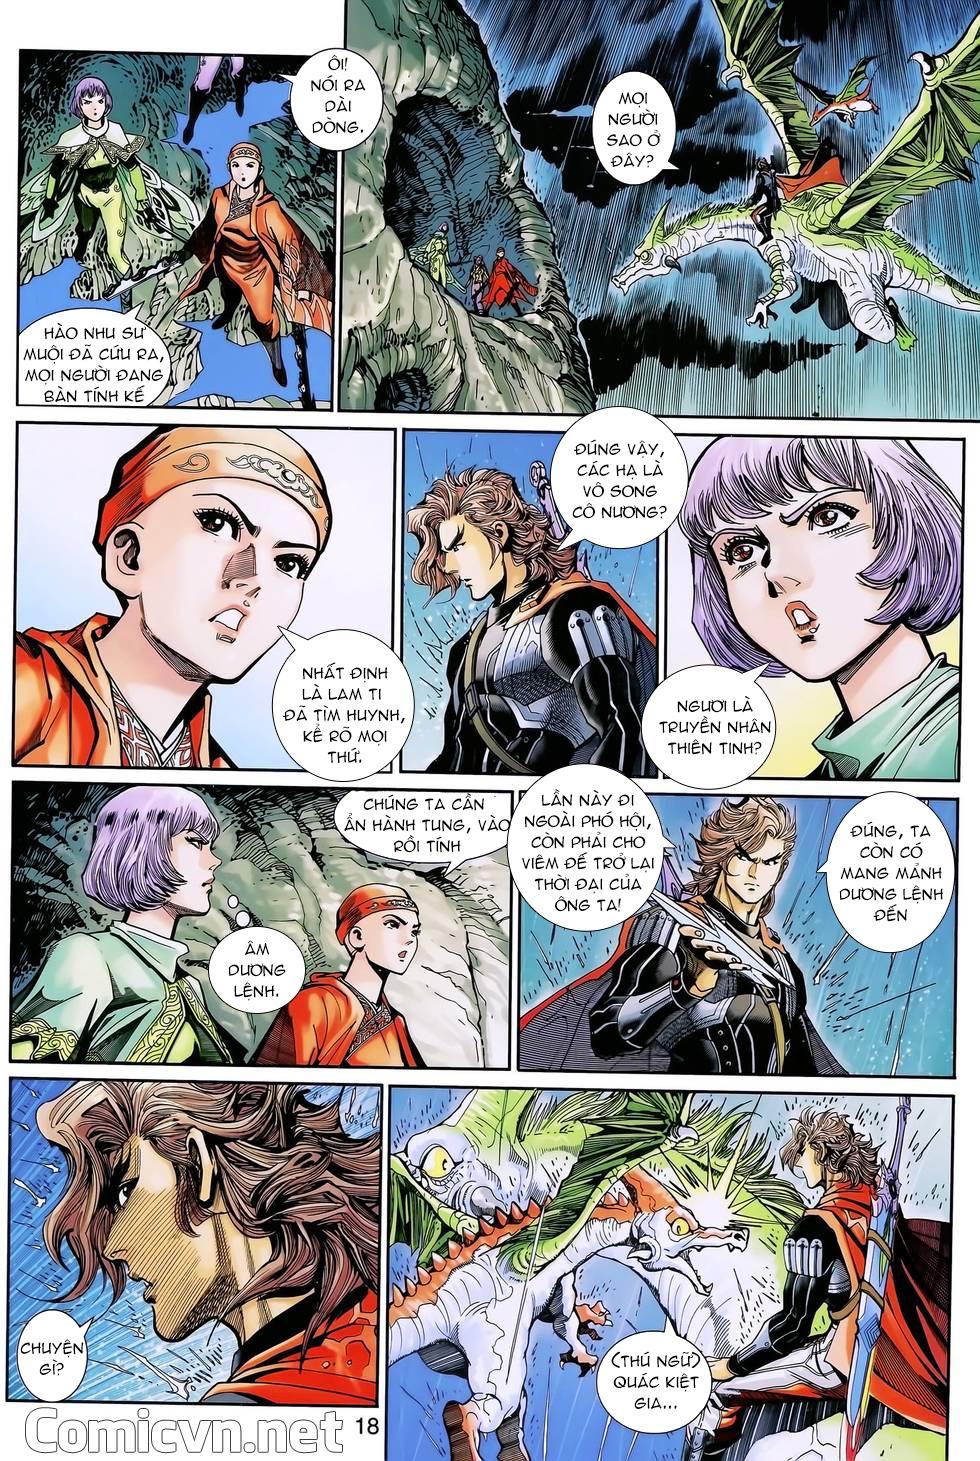 Thần binh huyền kỳ 3 - 3.5 tập 146 - 16